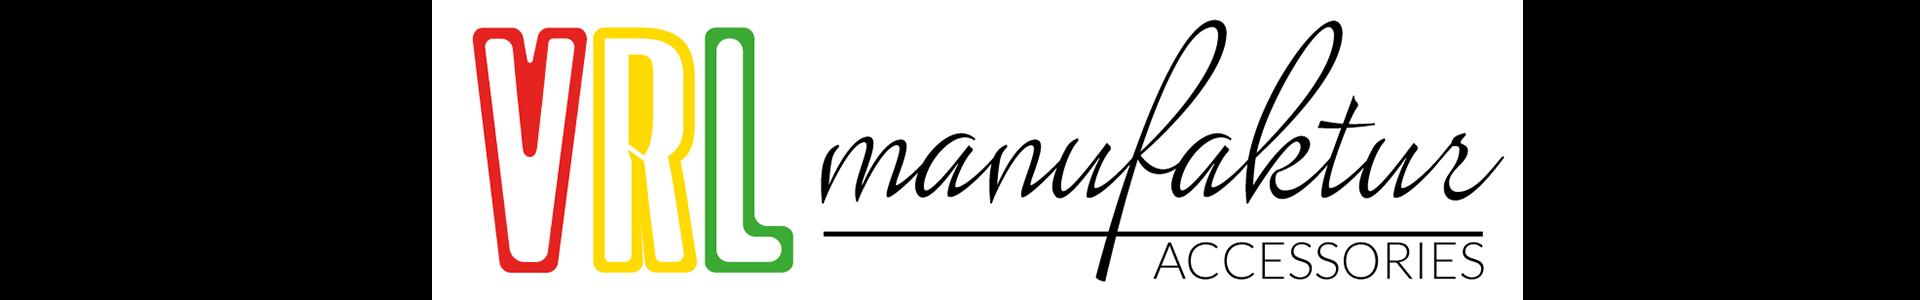 VRL_manufaktur_accessories